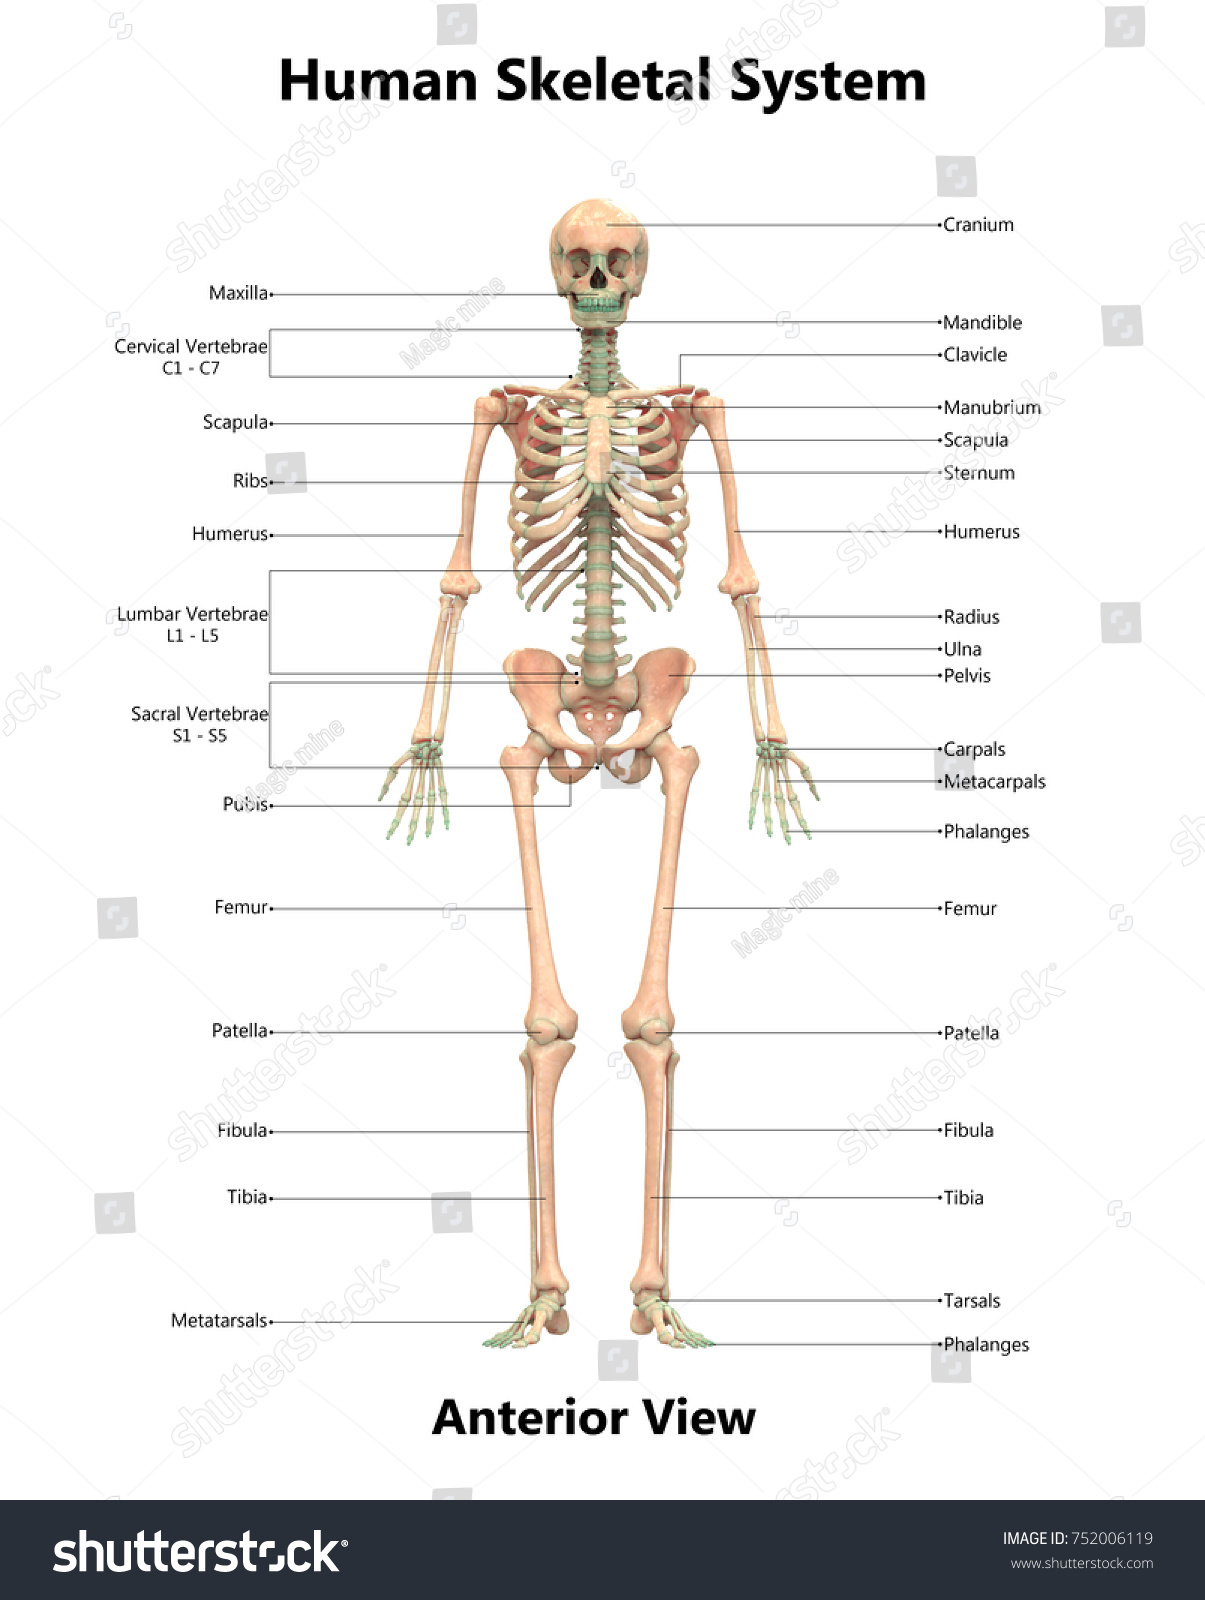 Human Skeletal System Anatomy Detailed Labels Stock Illustration